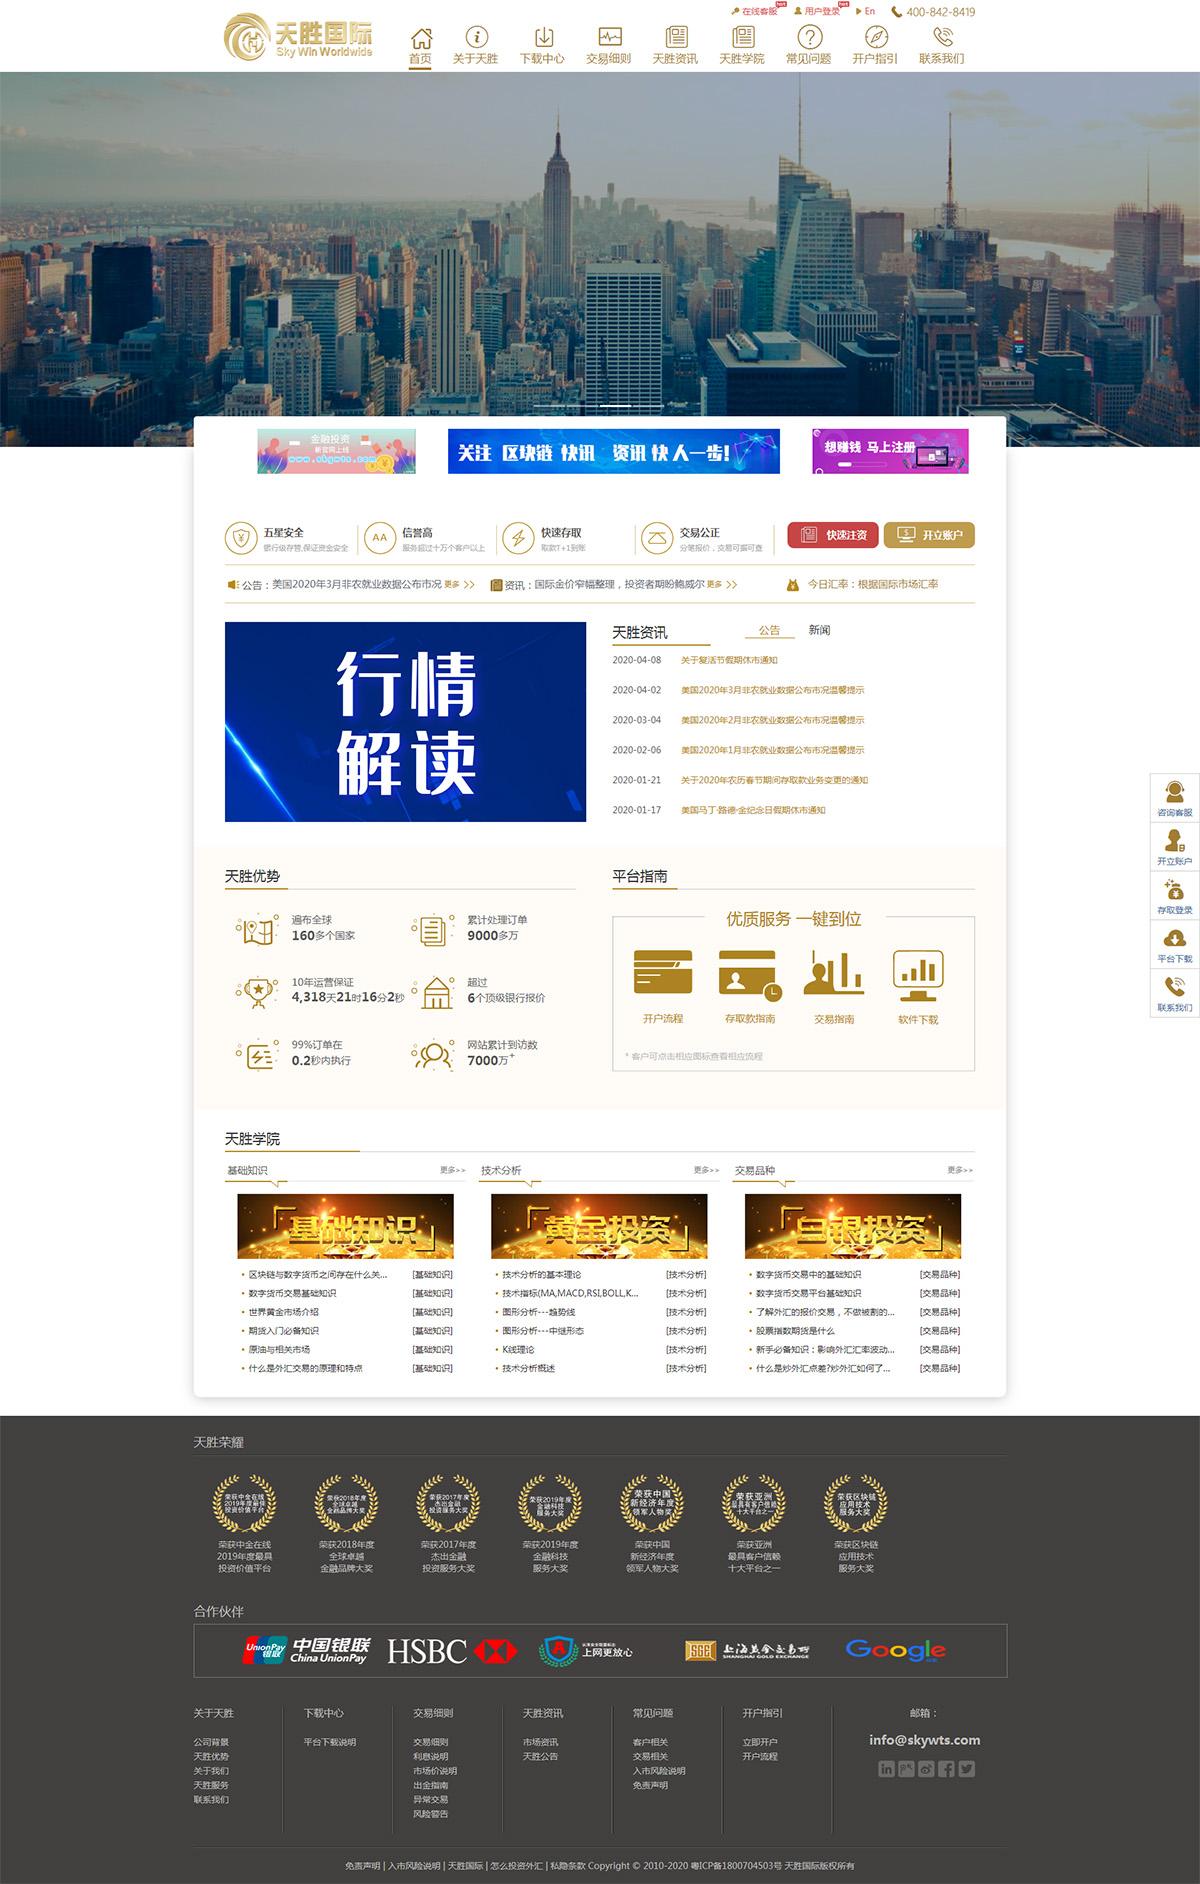 天胜国际网站案例